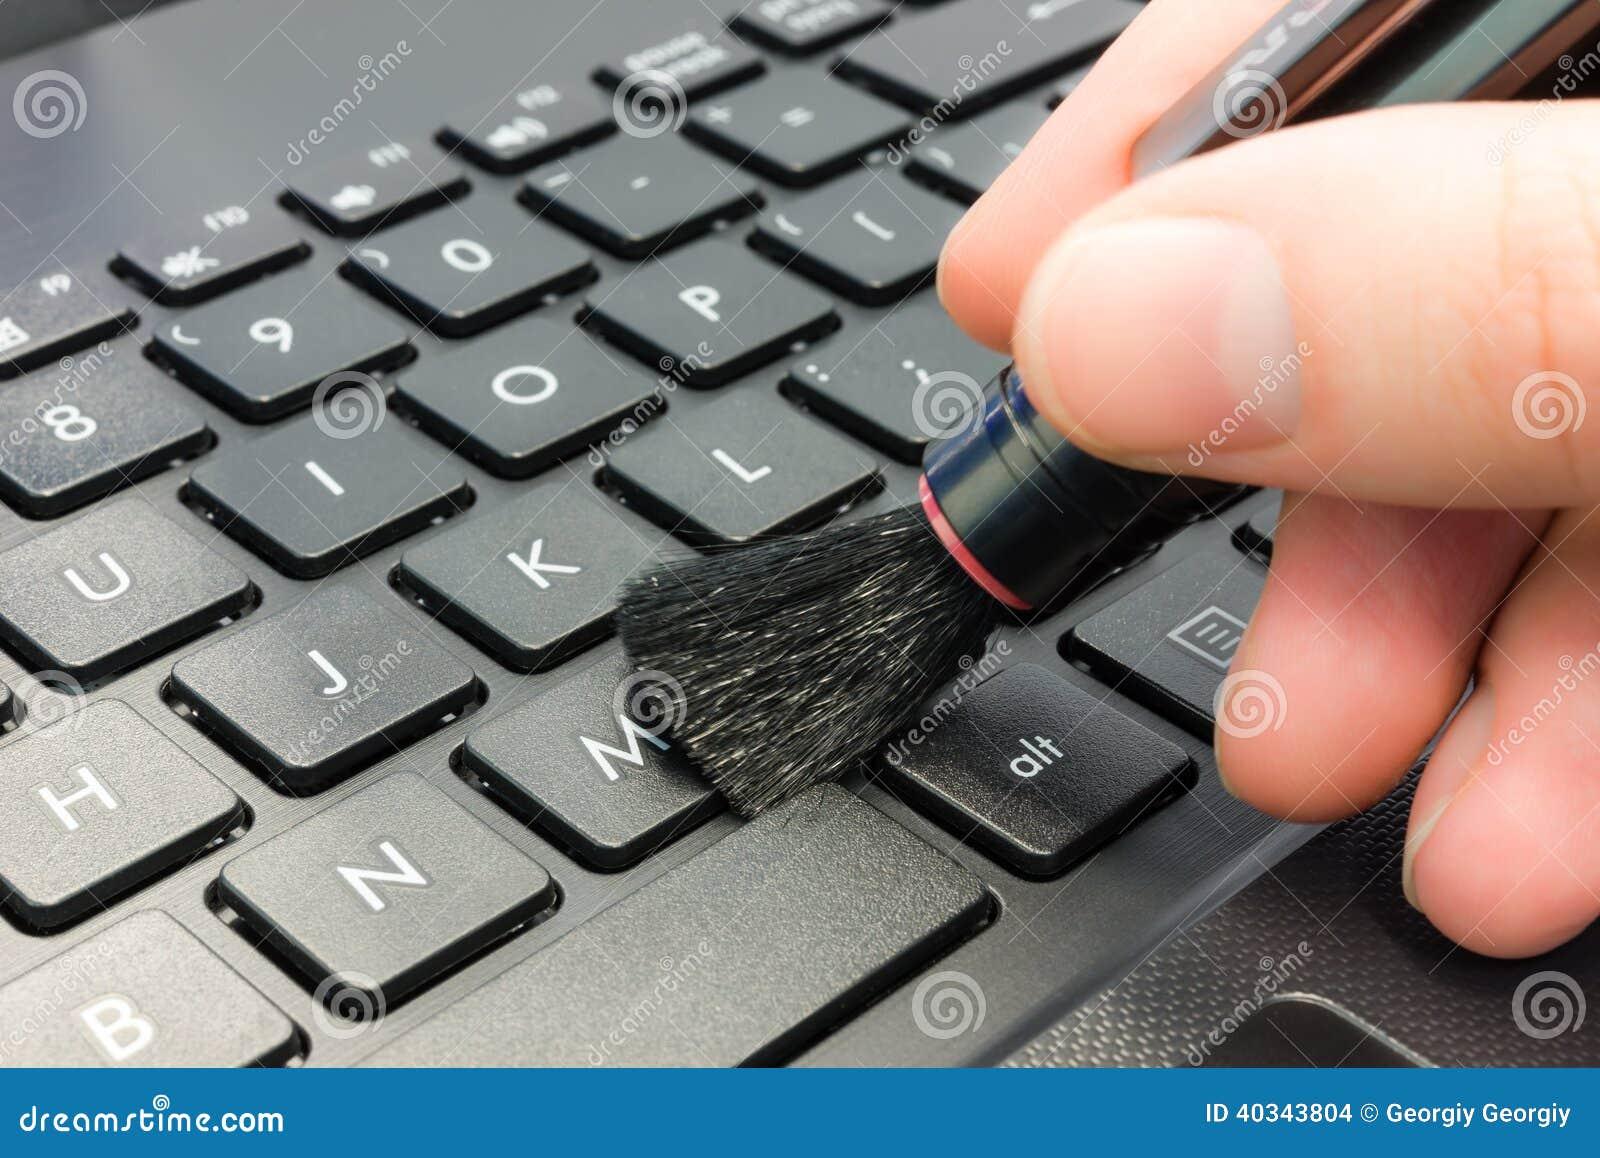 Limpieza del ordenador foto de archivo imagen 40343804 - Foto teclado ordenador ...